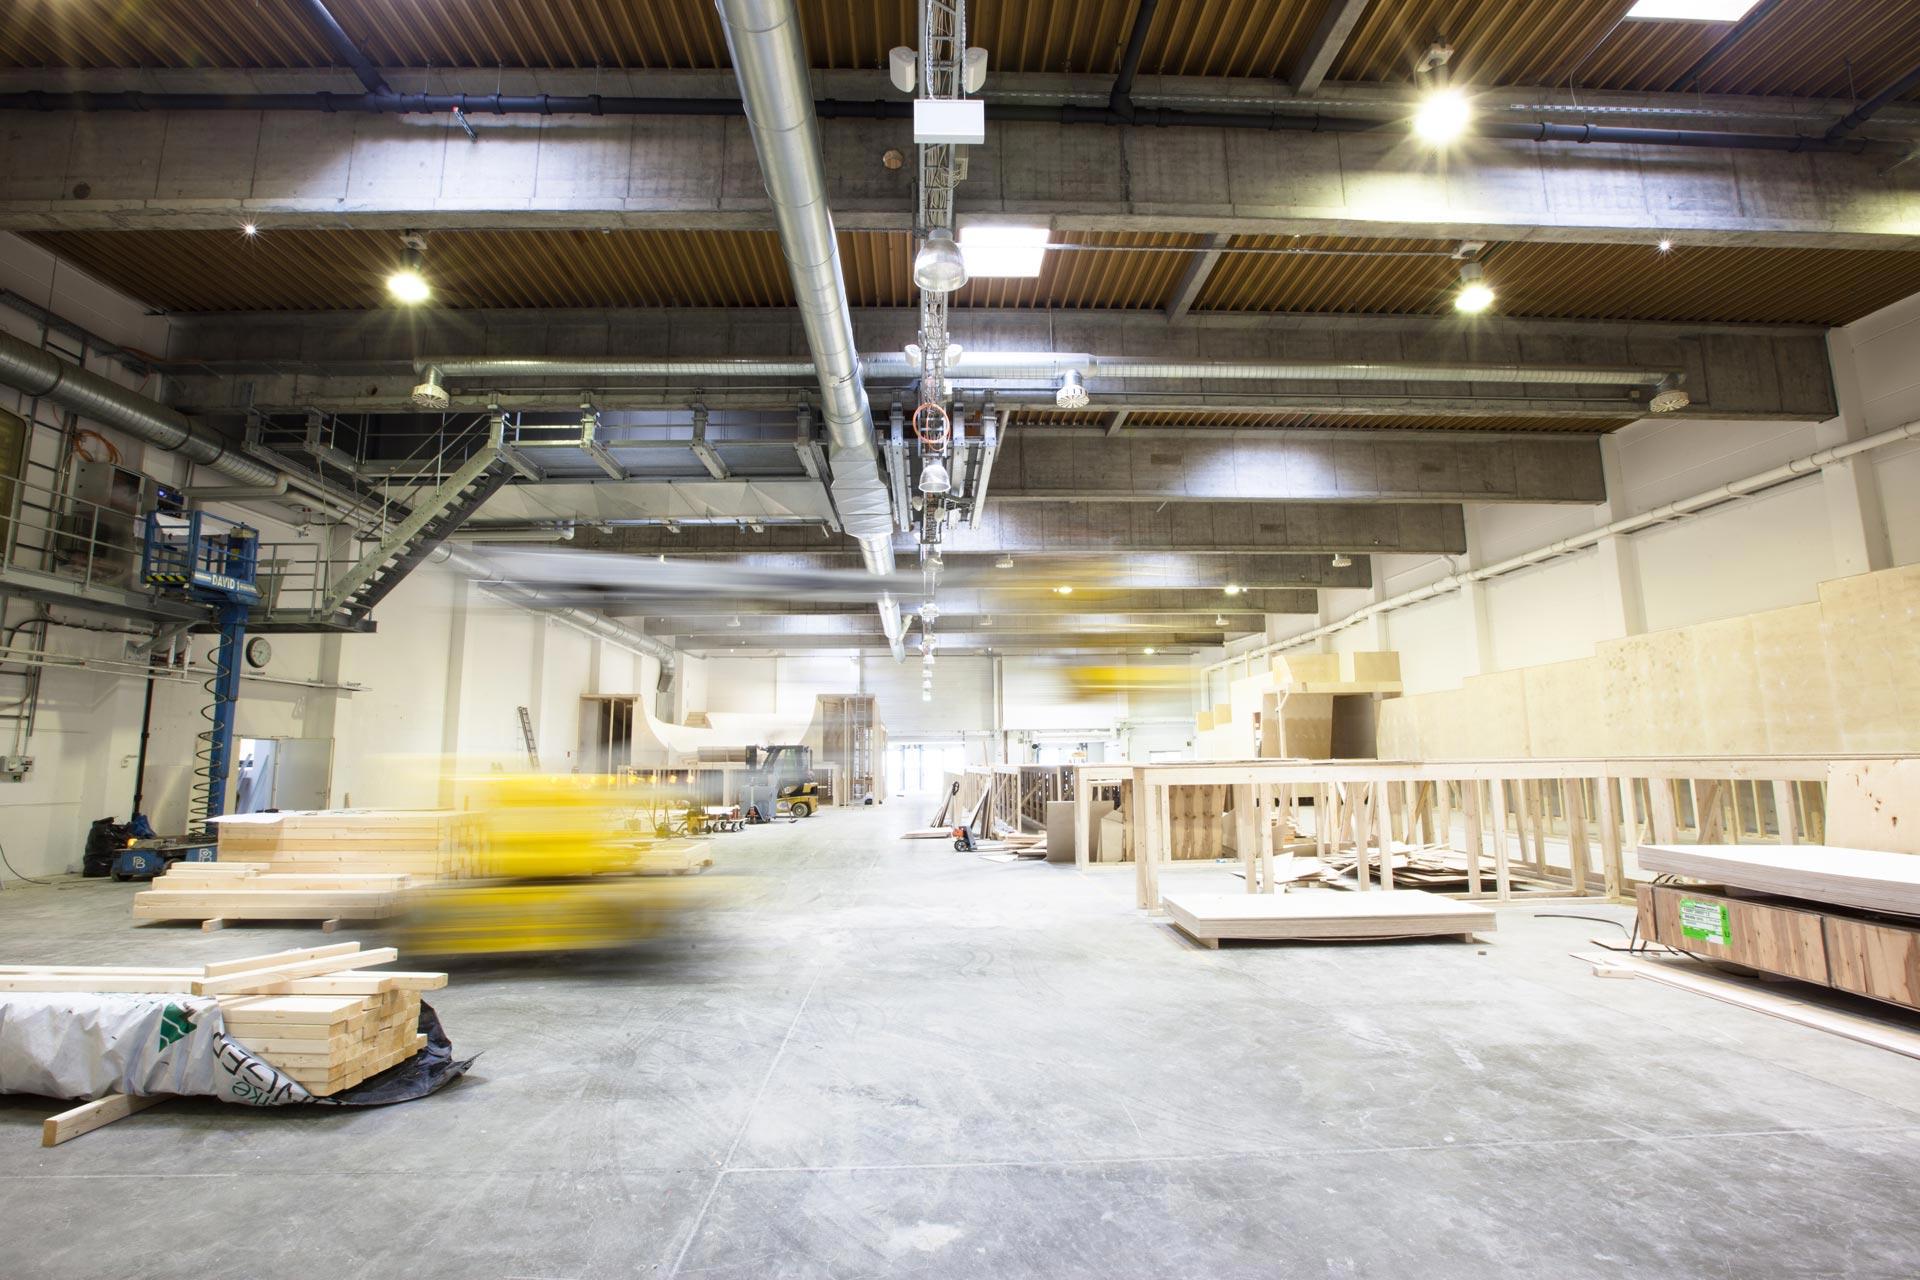 Mit Hochdruck wird an der Fertigstellung des Innenausbaus im GravityLab gearbeitet.